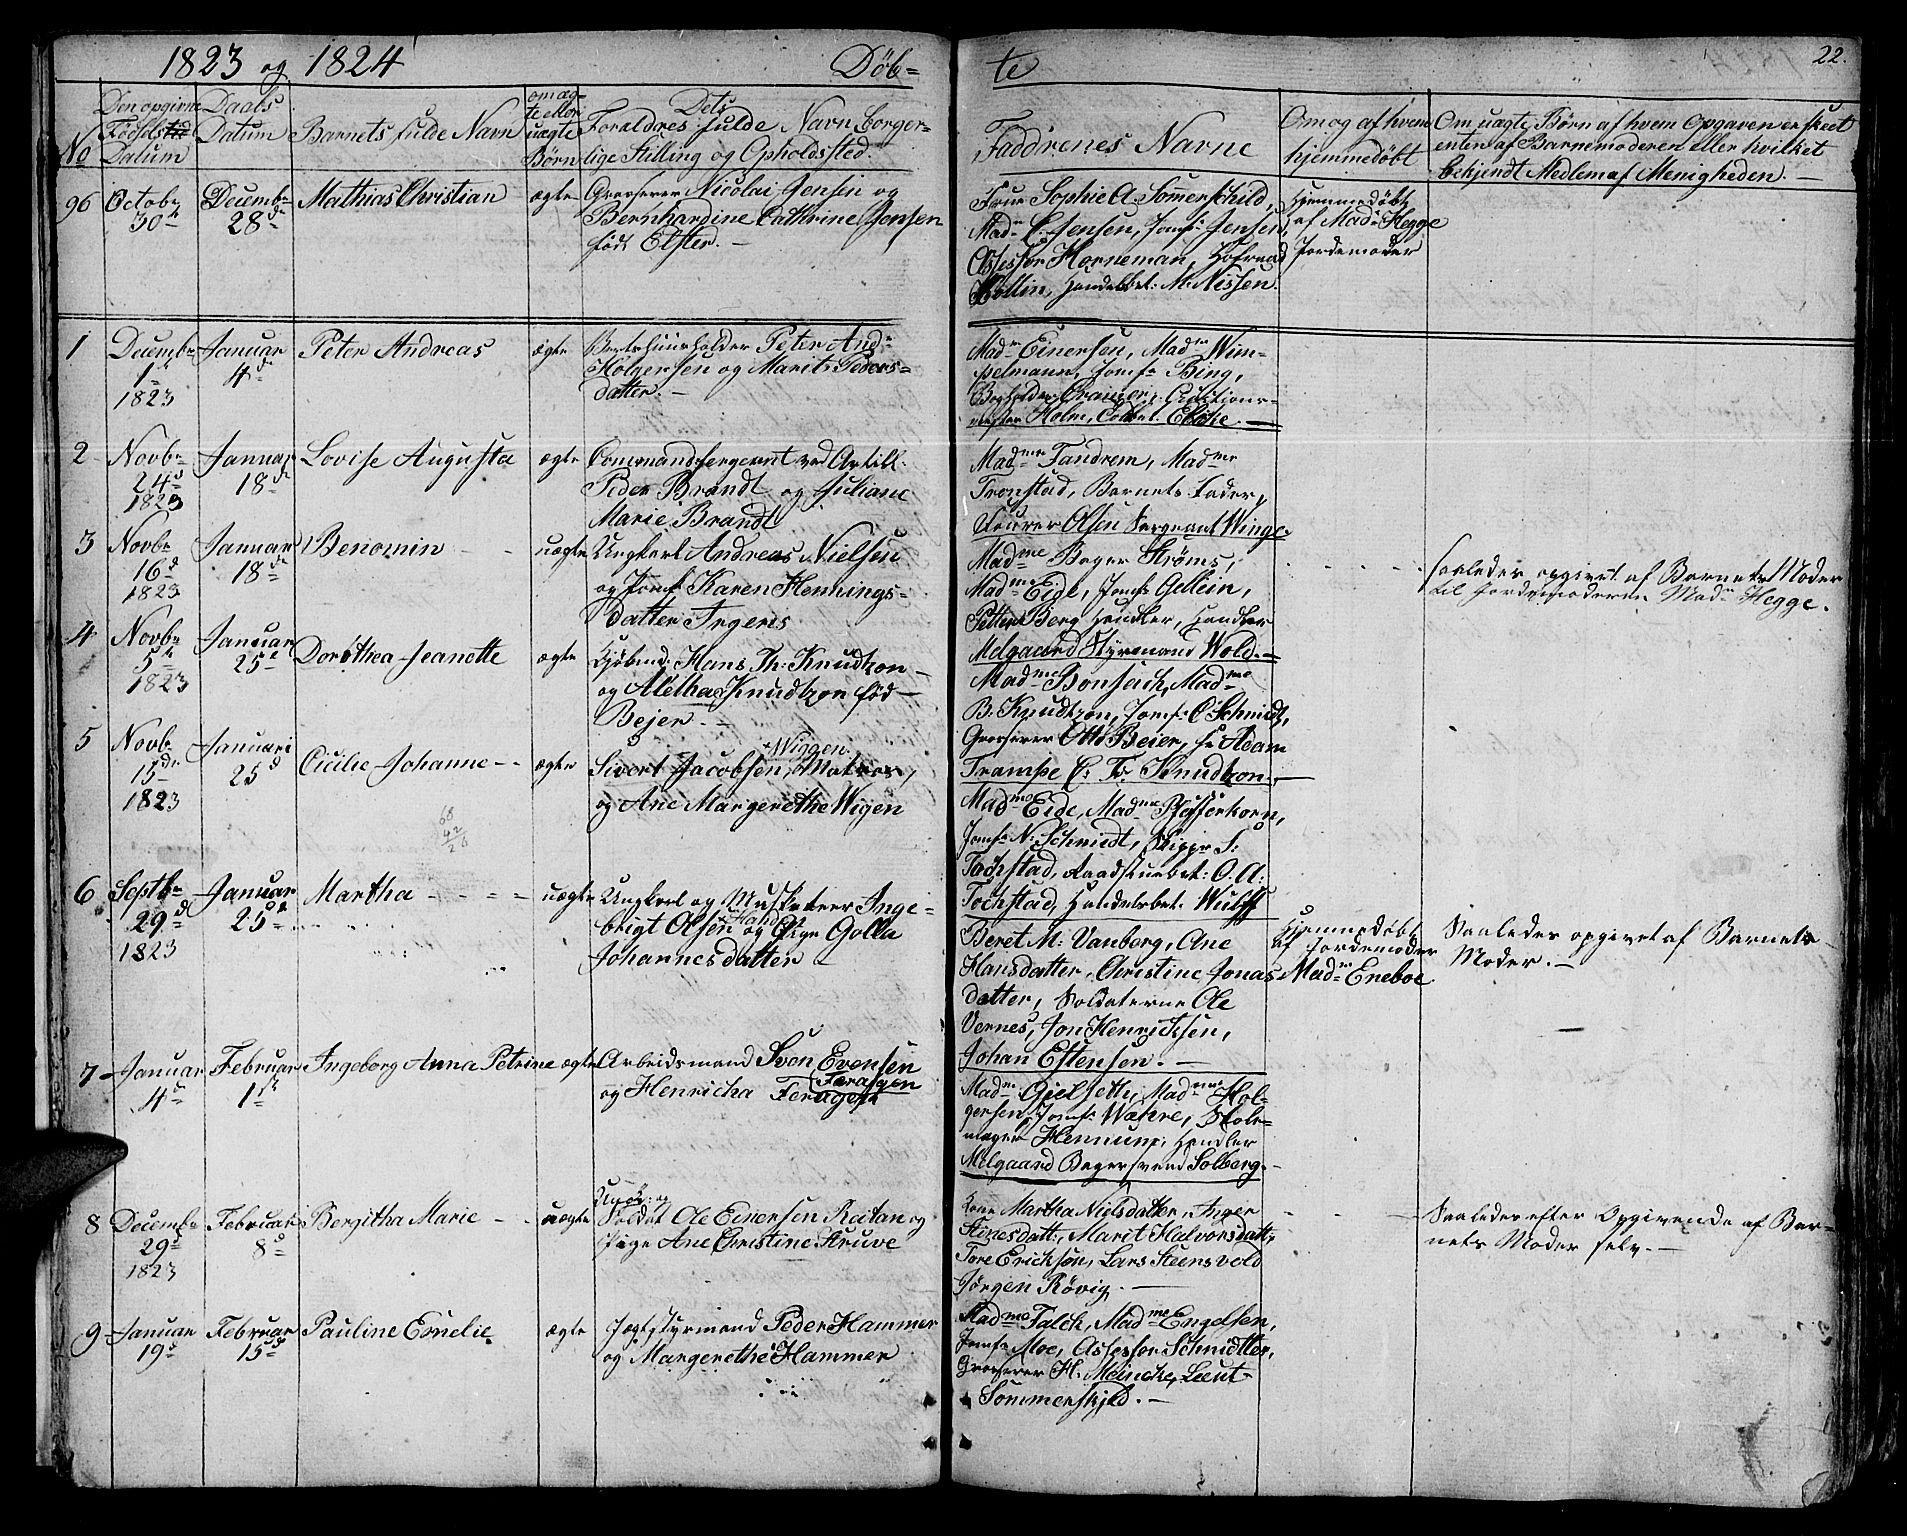 SAT, Ministerialprotokoller, klokkerbøker og fødselsregistre - Sør-Trøndelag, 602/L0108: Ministerialbok nr. 602A06, 1821-1839, s. 22